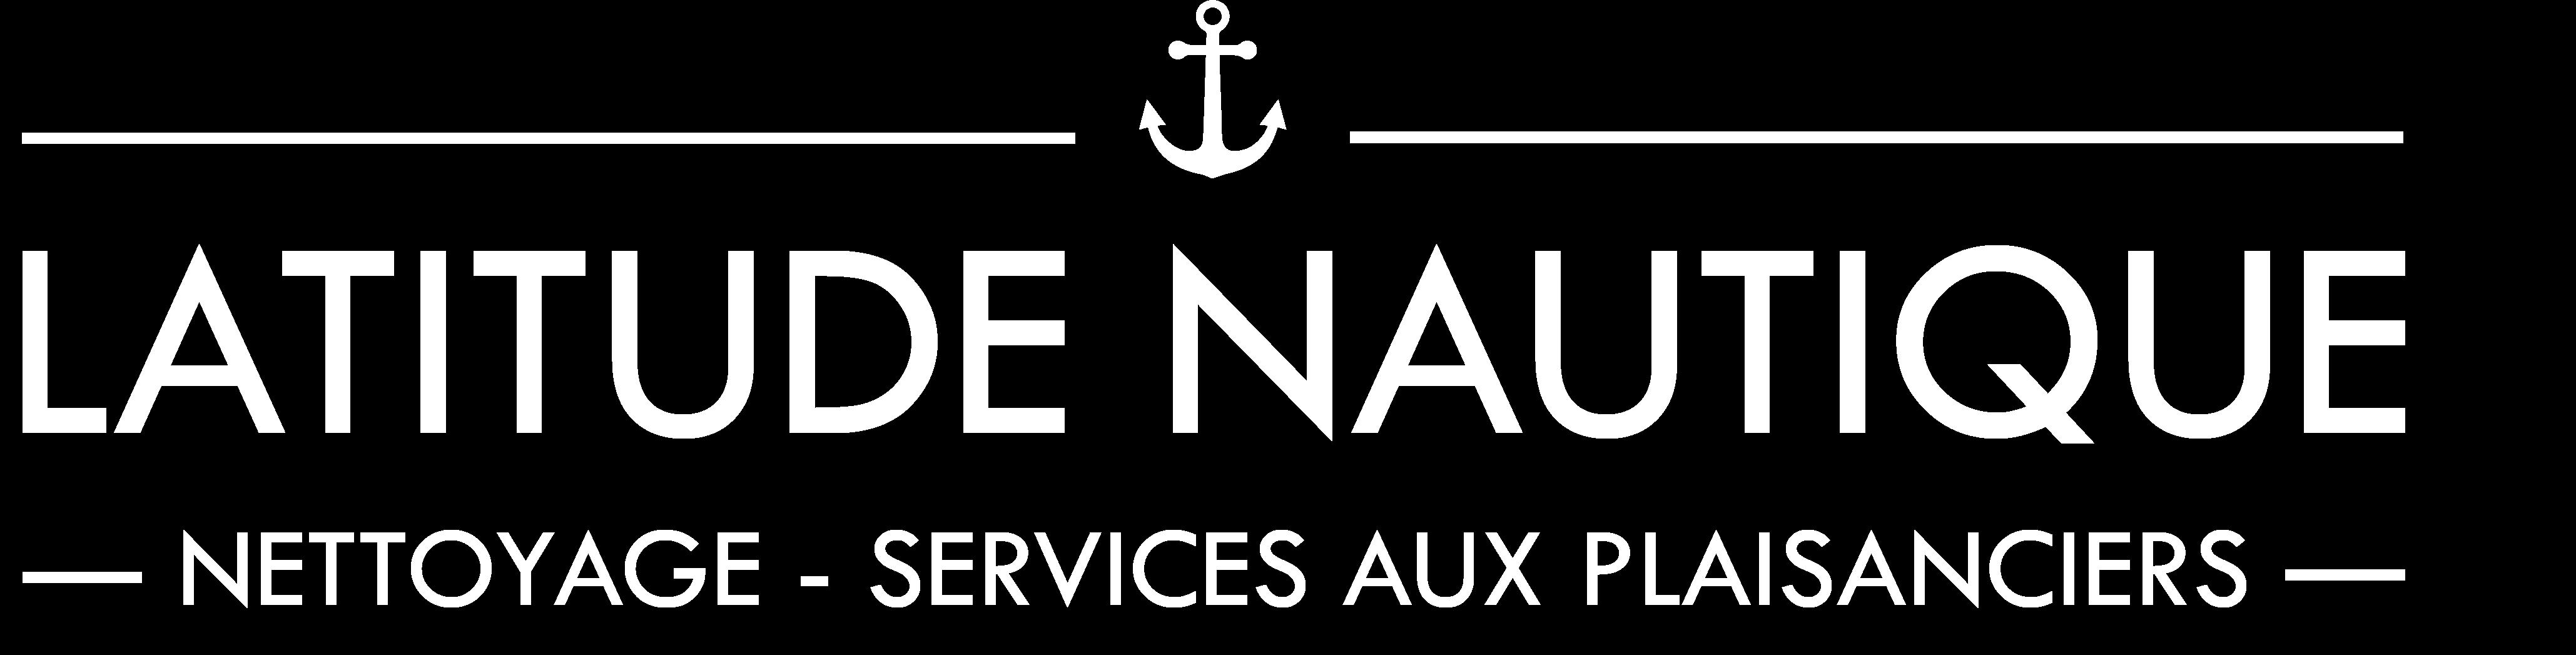 Latitude nautique